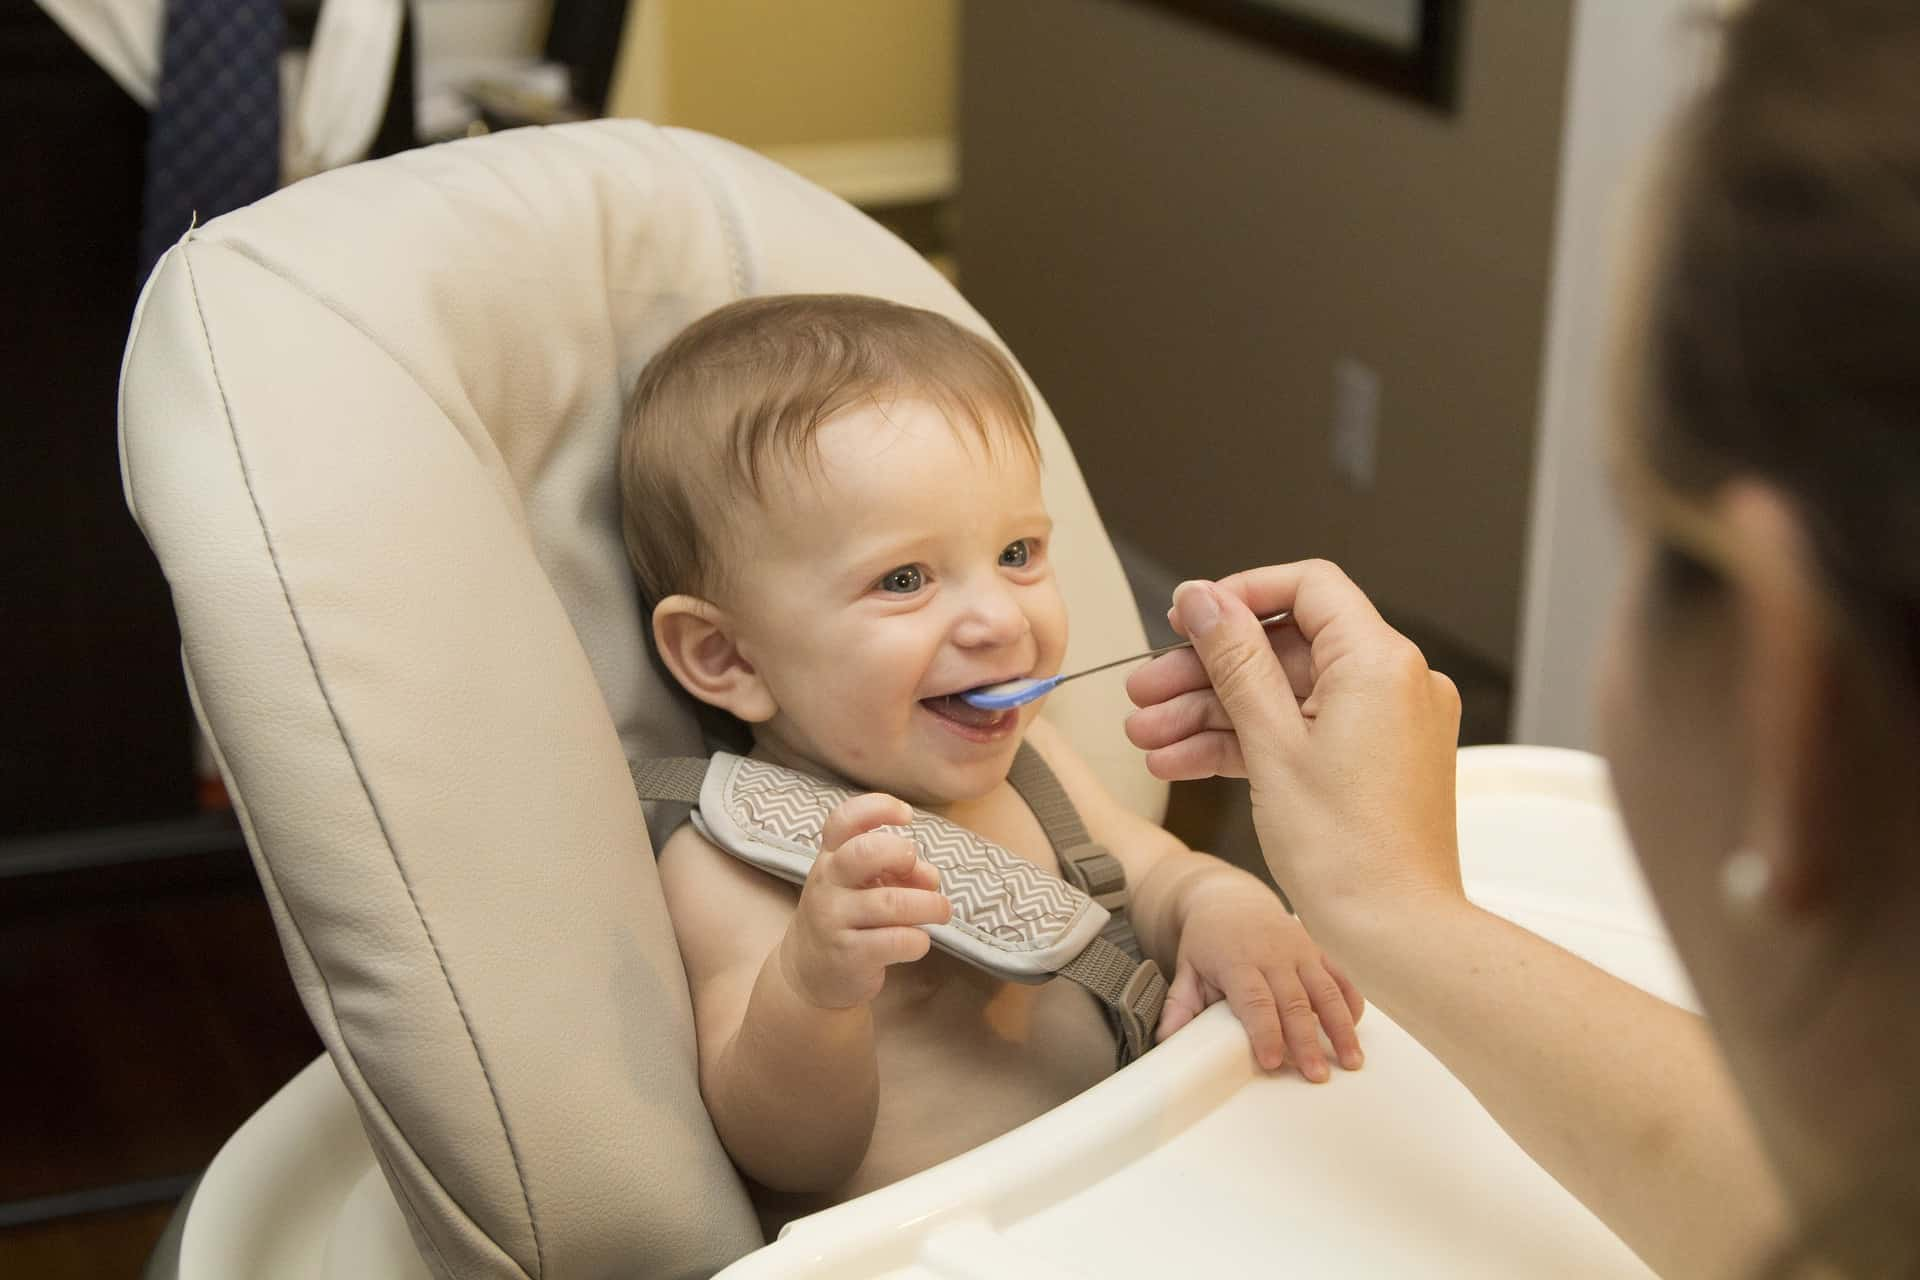 Imagem de criança sentada em cadeira de alimentação sendo alimentada por mulher com uma colher infantil.